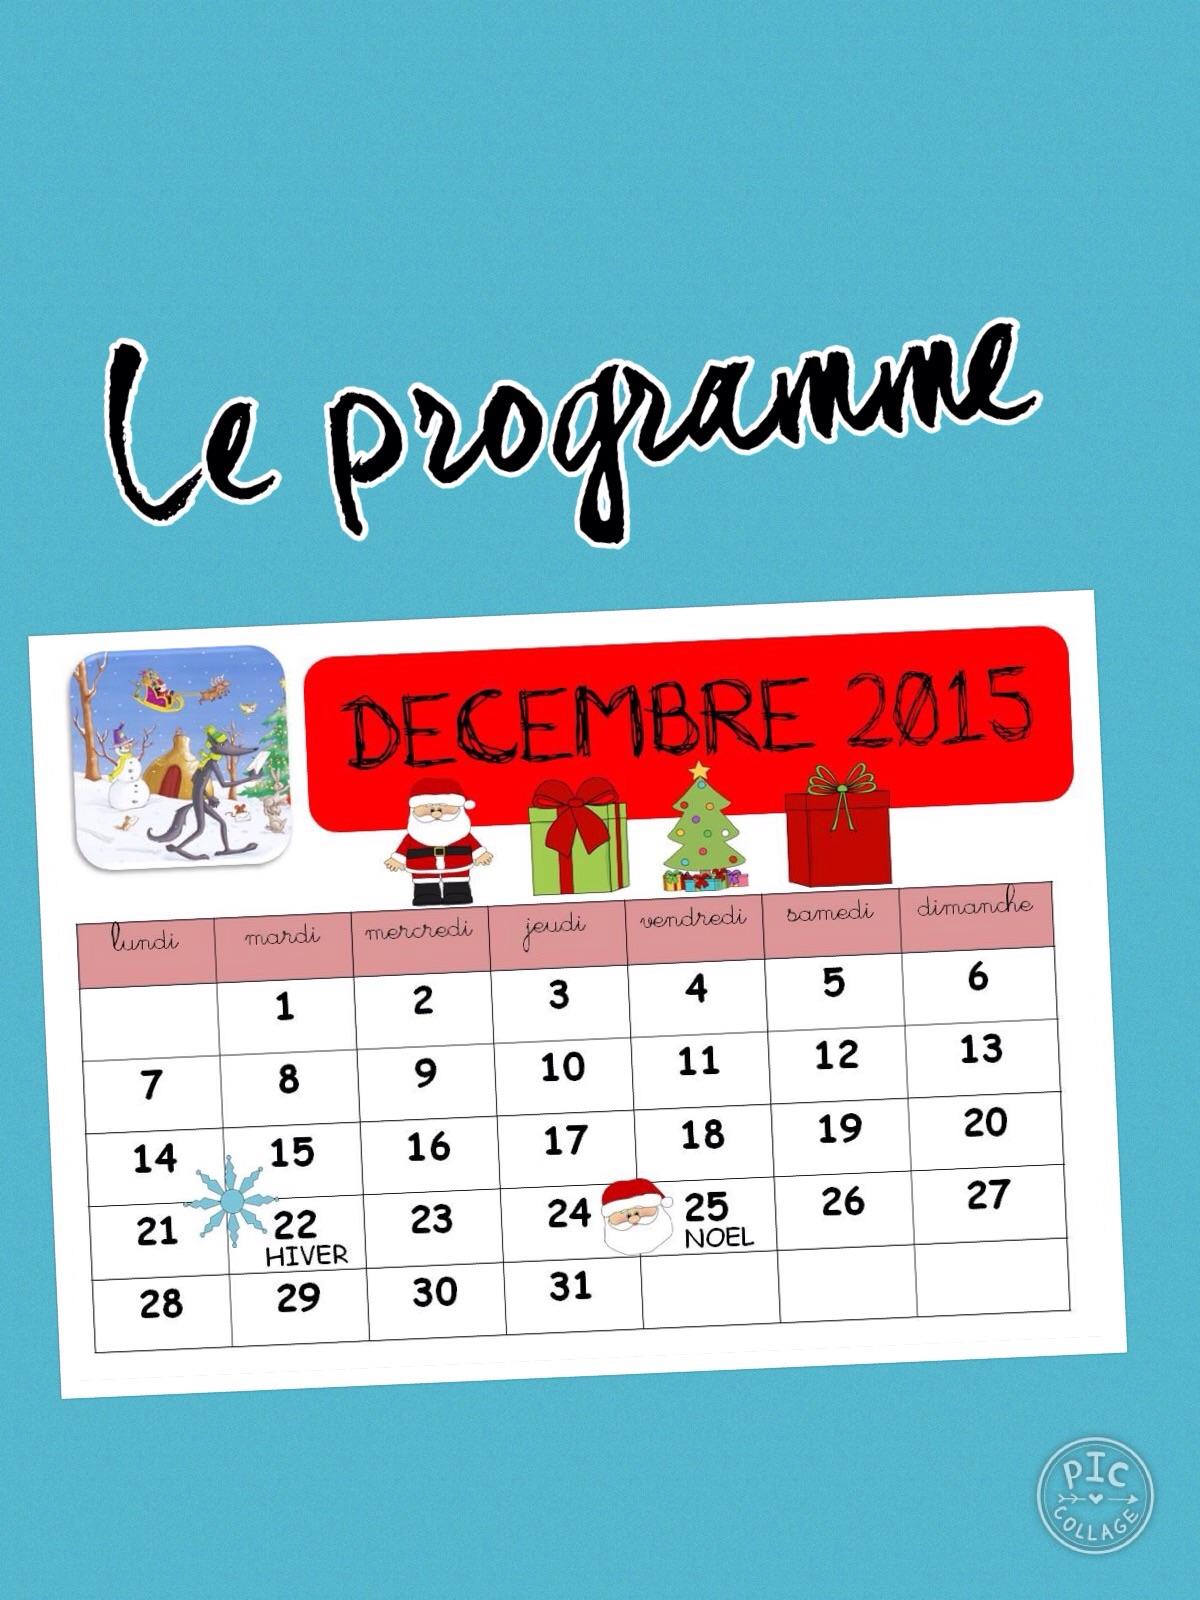 Le programme de décembre est arrivé  …. Enfin….!!!!